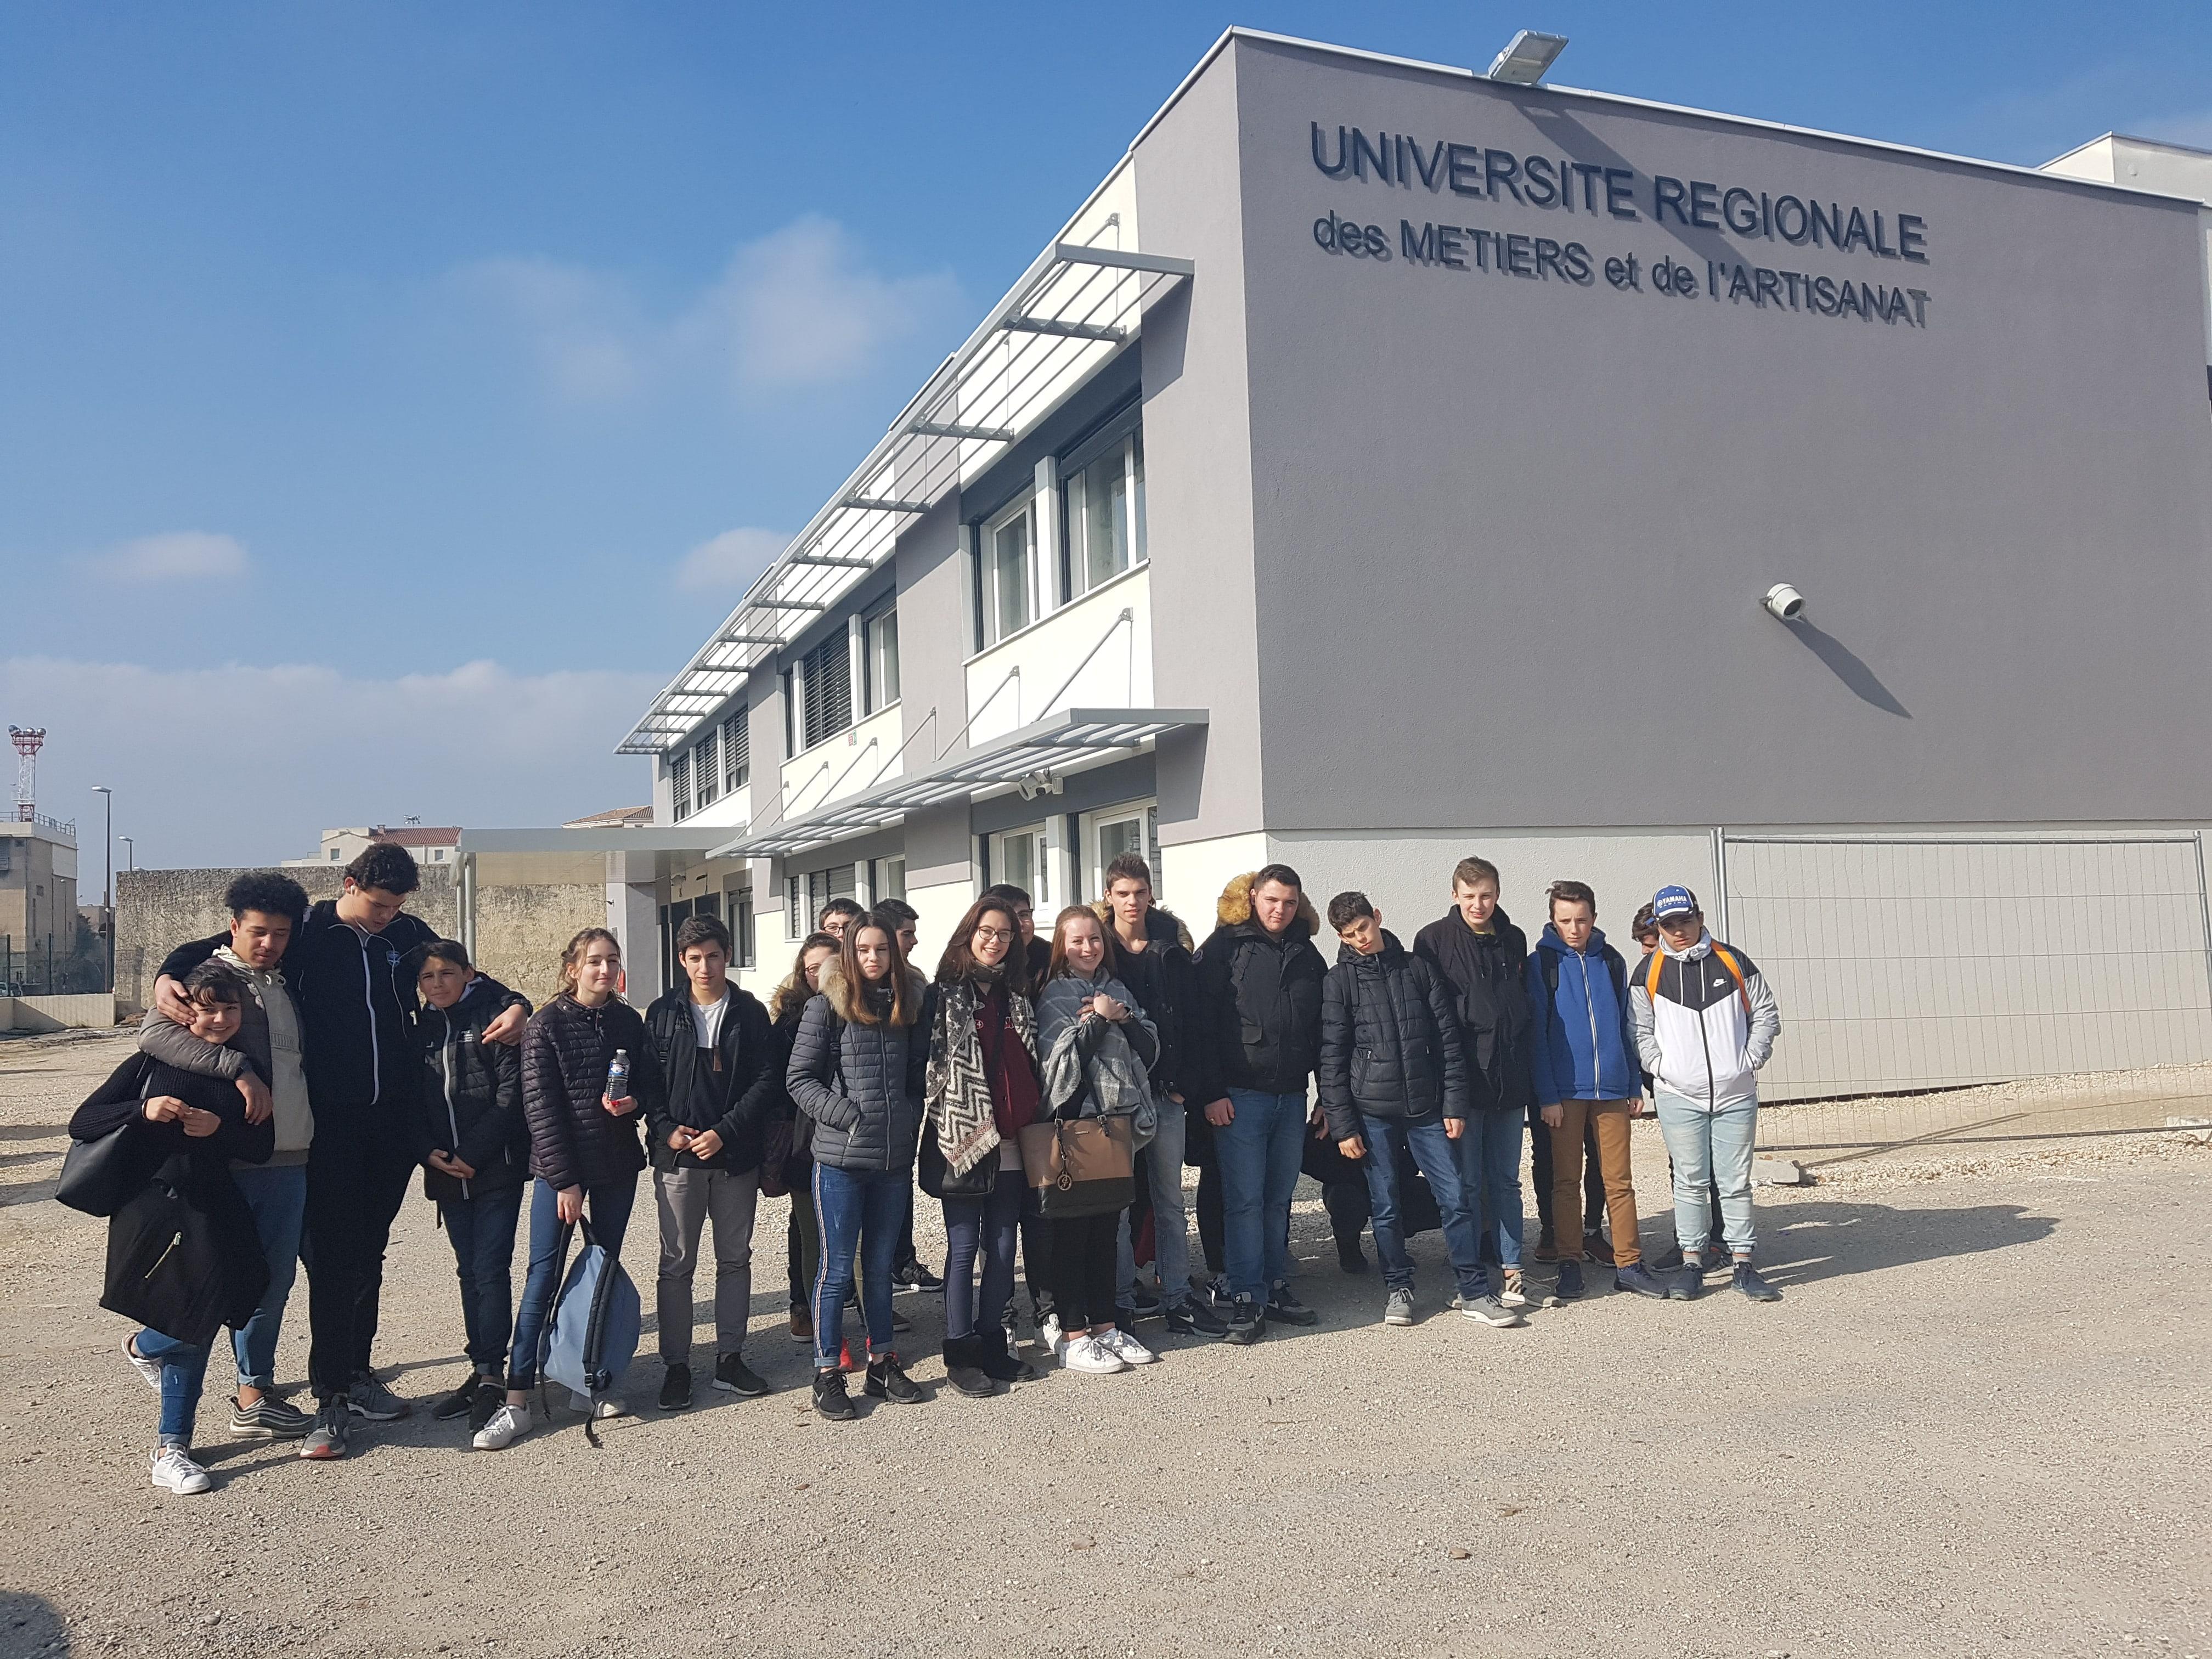 Sortie au CFA Régional Campus d'Avignon